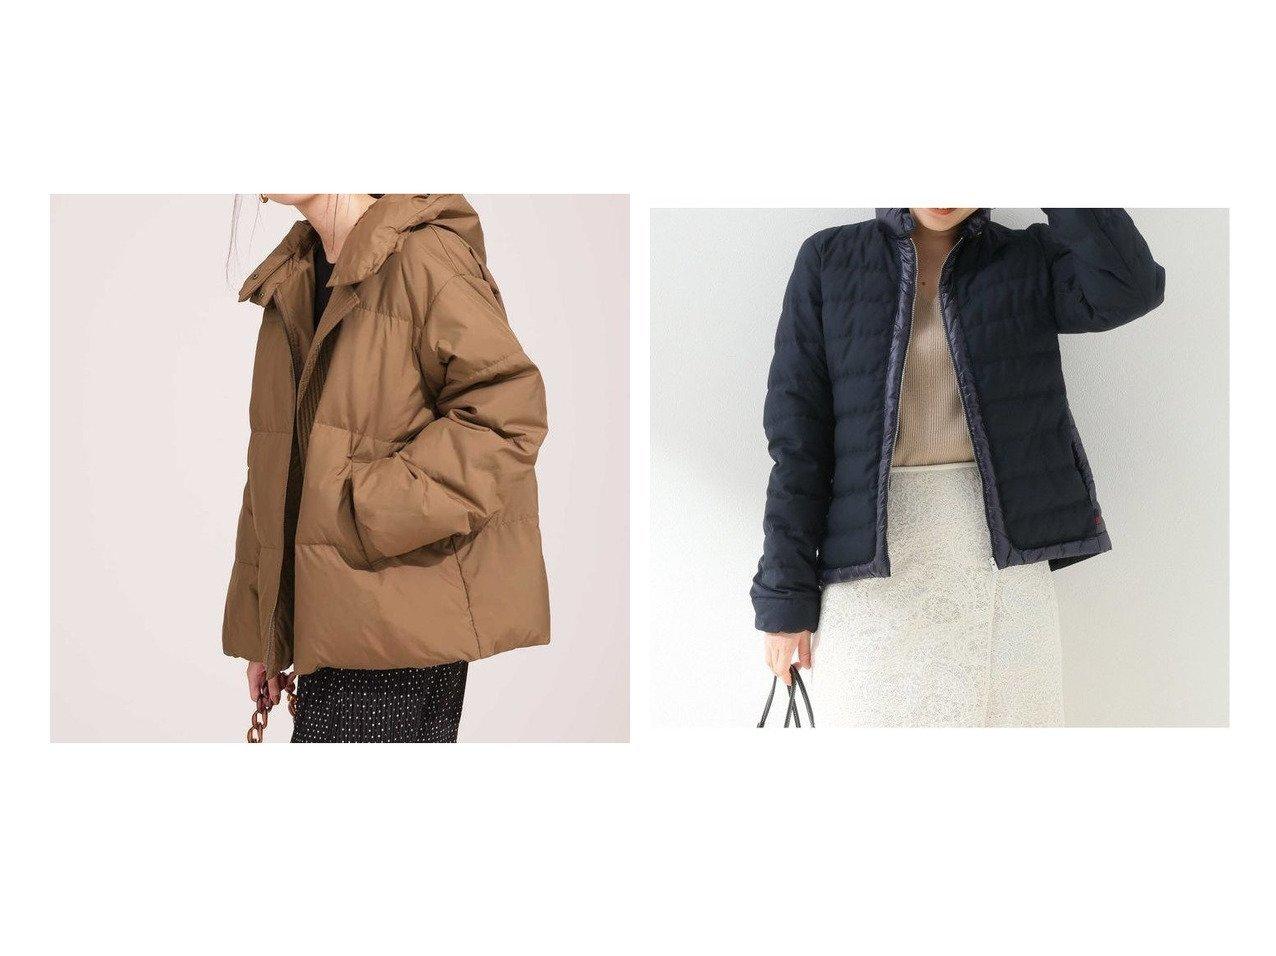 【Spick & Span/スピック&スパン】の【WOOLRICH】 LUXE CLOVER JKT&【nano universe/ナノ ユニバース】のスタンドカラーフードボリュームショートダウン アウターのおすすめ!人気、レディースファッションの通販 おすすめで人気のファッション通販商品 インテリア・家具・キッズファッション・メンズファッション・レディースファッション・服の通販 founy(ファニー) https://founy.com/ ファッション Fashion レディース WOMEN アウター Coat Outerwear イタリア ショート ジャケット スタンド ダウン バランス フェザー アウトドア インナー コンパクト シェイプ トリミング フロント 防寒  ID:crp329100000001667